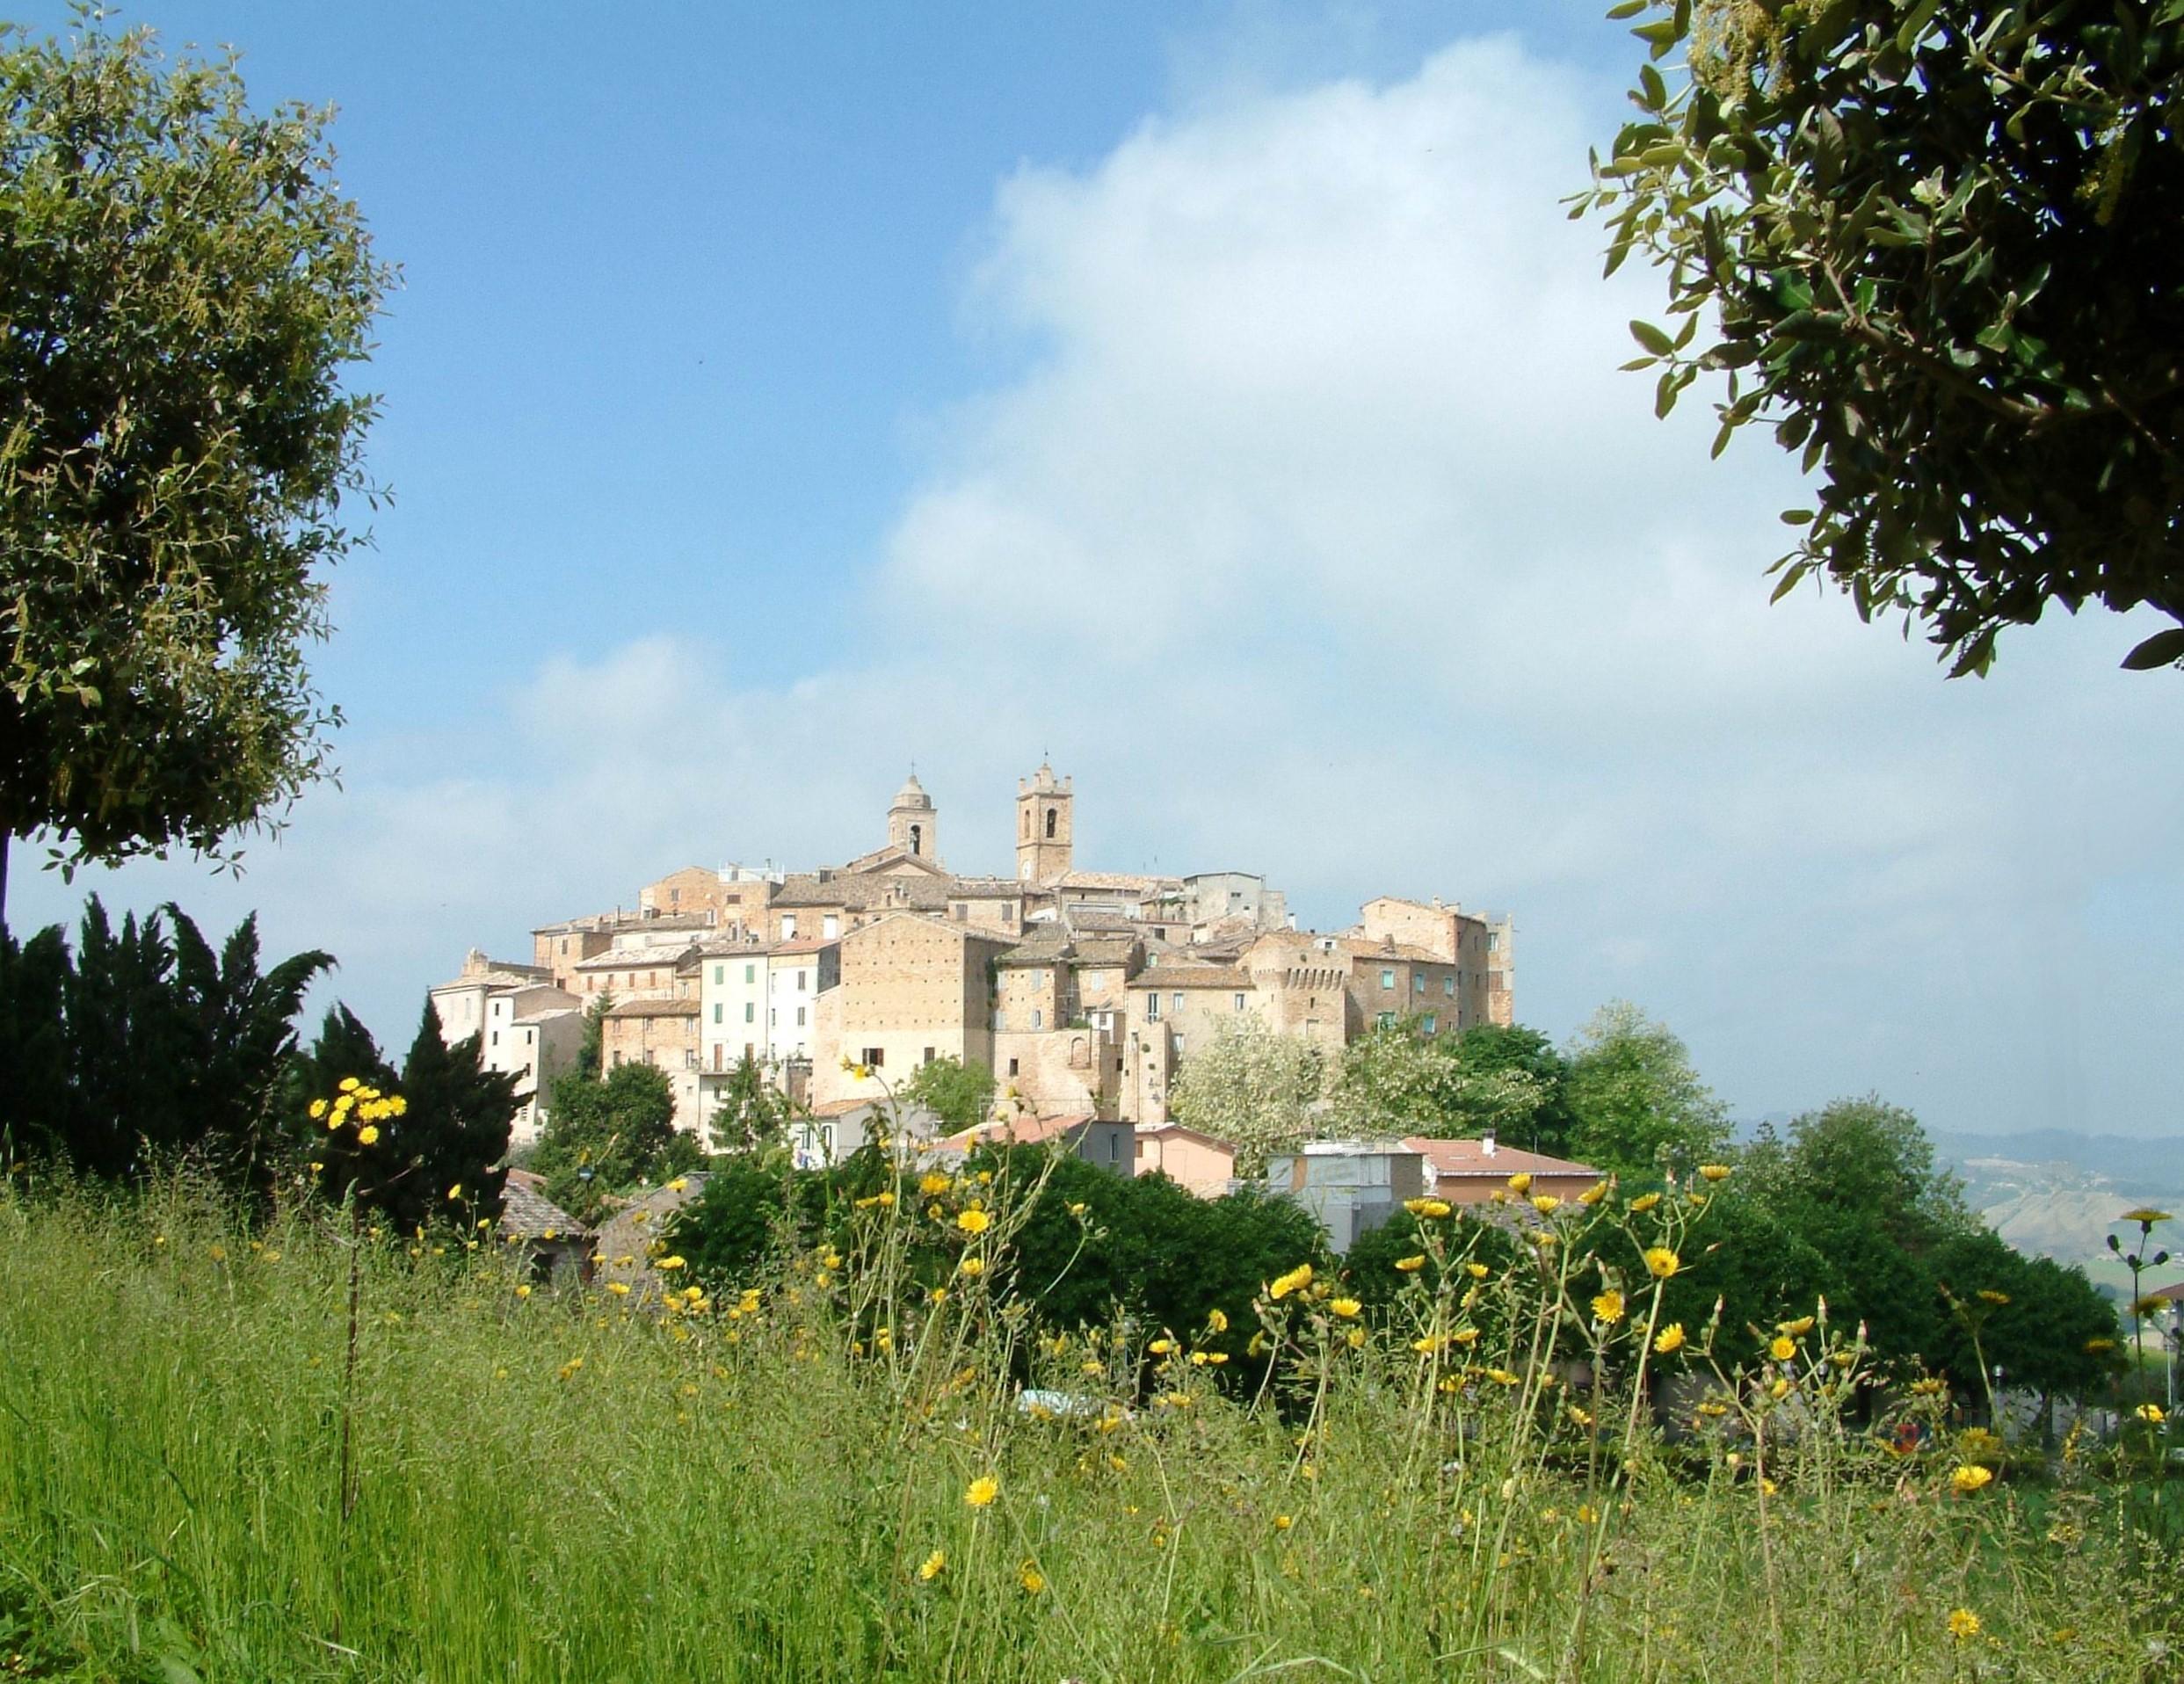 Sagra Villa Del Conte